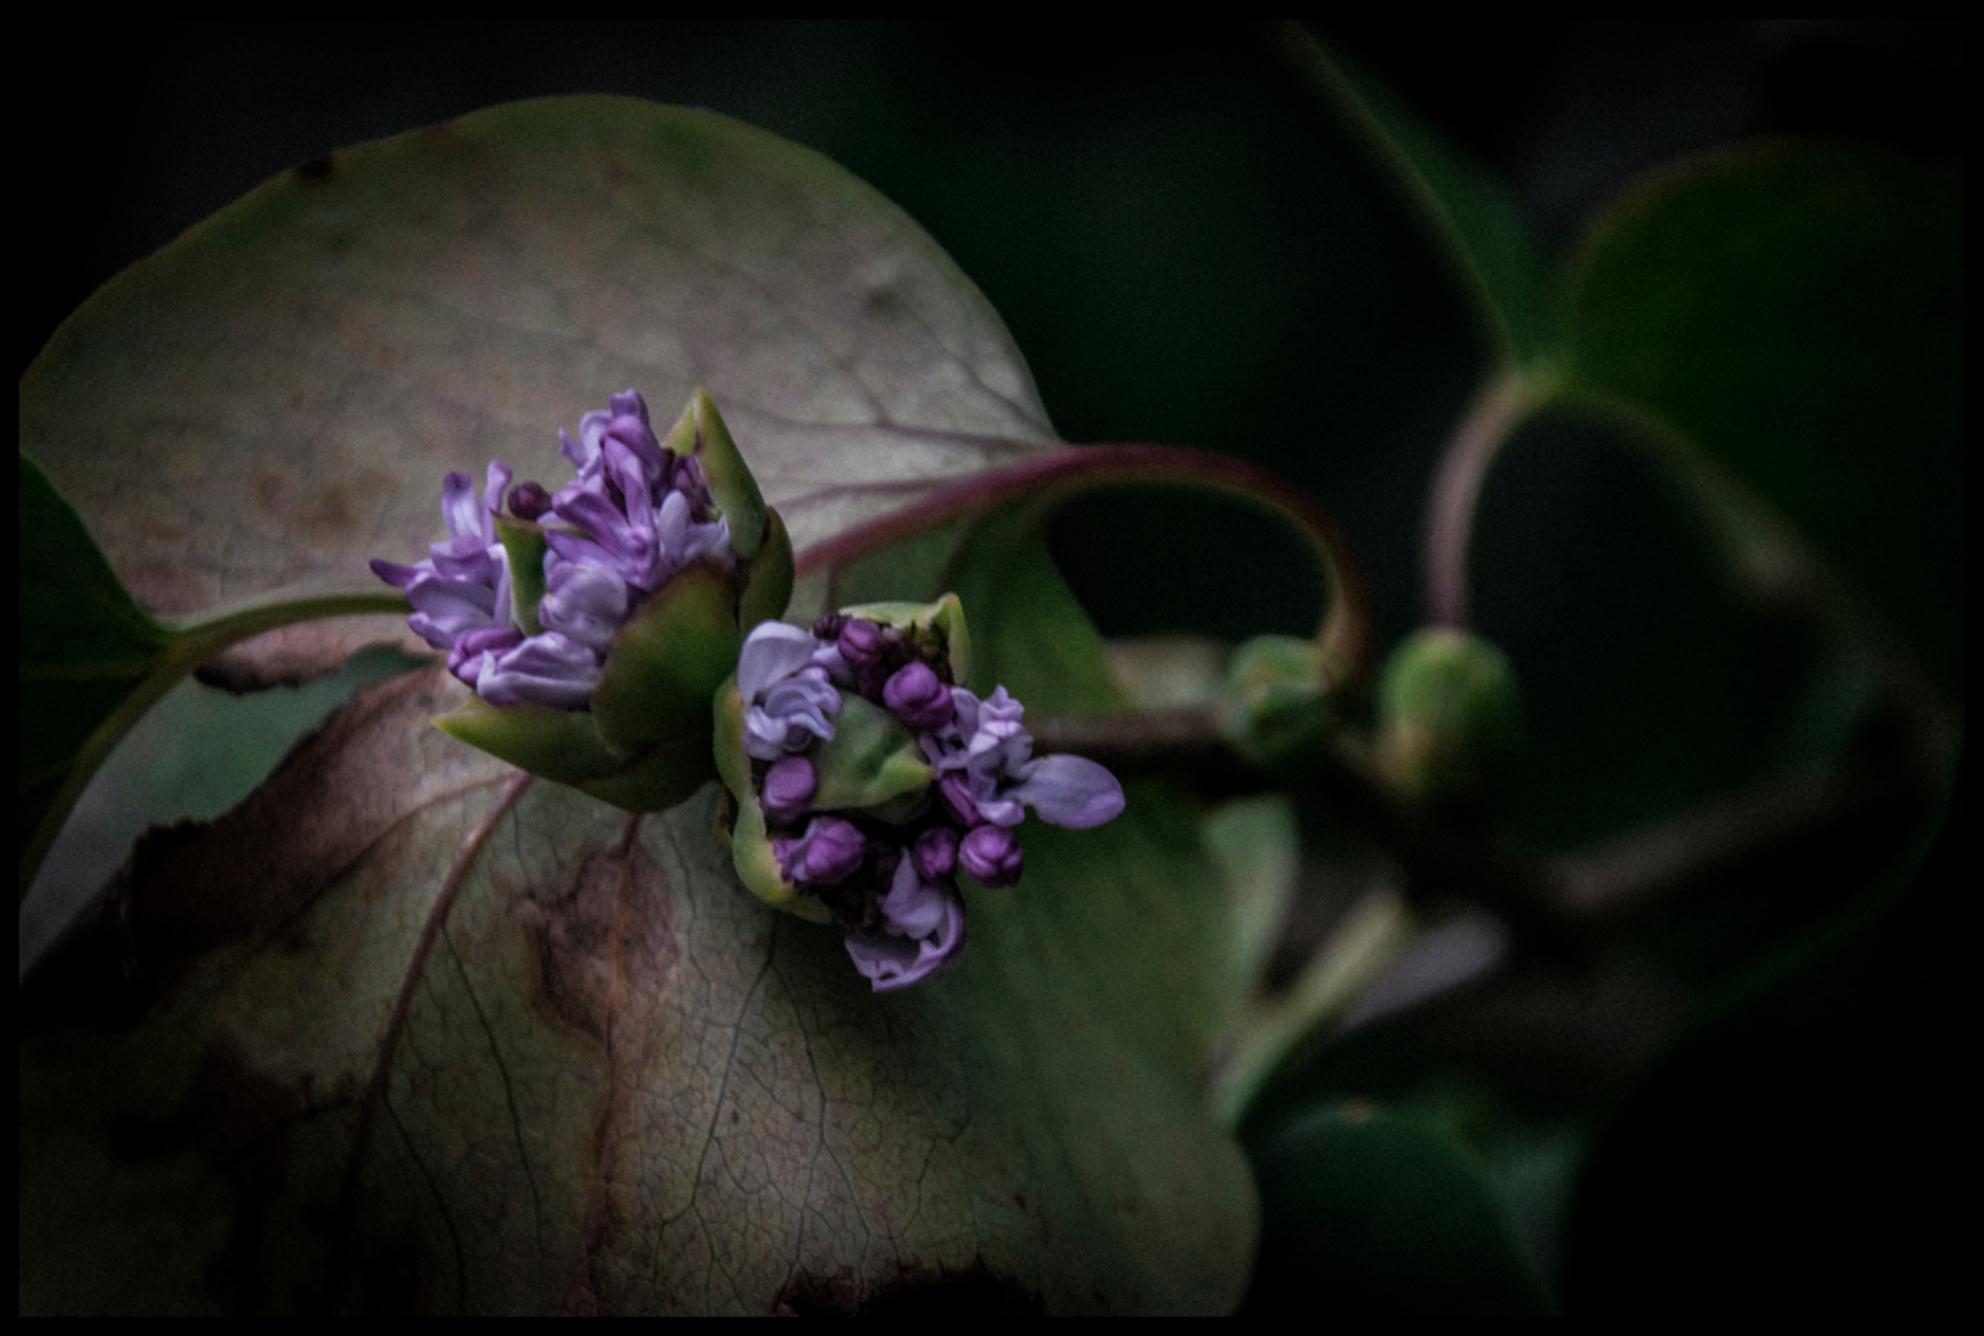 seringen terug in bloei.. - Mijn seringen staan weer in bloei.. deze bloeien normaal gezien april-mei..  nu dus een tweede bloei.. de natuur slaat echt wel op hol..  niet de  - foto door oli_zoom op 30-10-2017 - deze foto bevat: bloem, herfst, blad - Deze foto mag gebruikt worden in een Zoom.nl publicatie